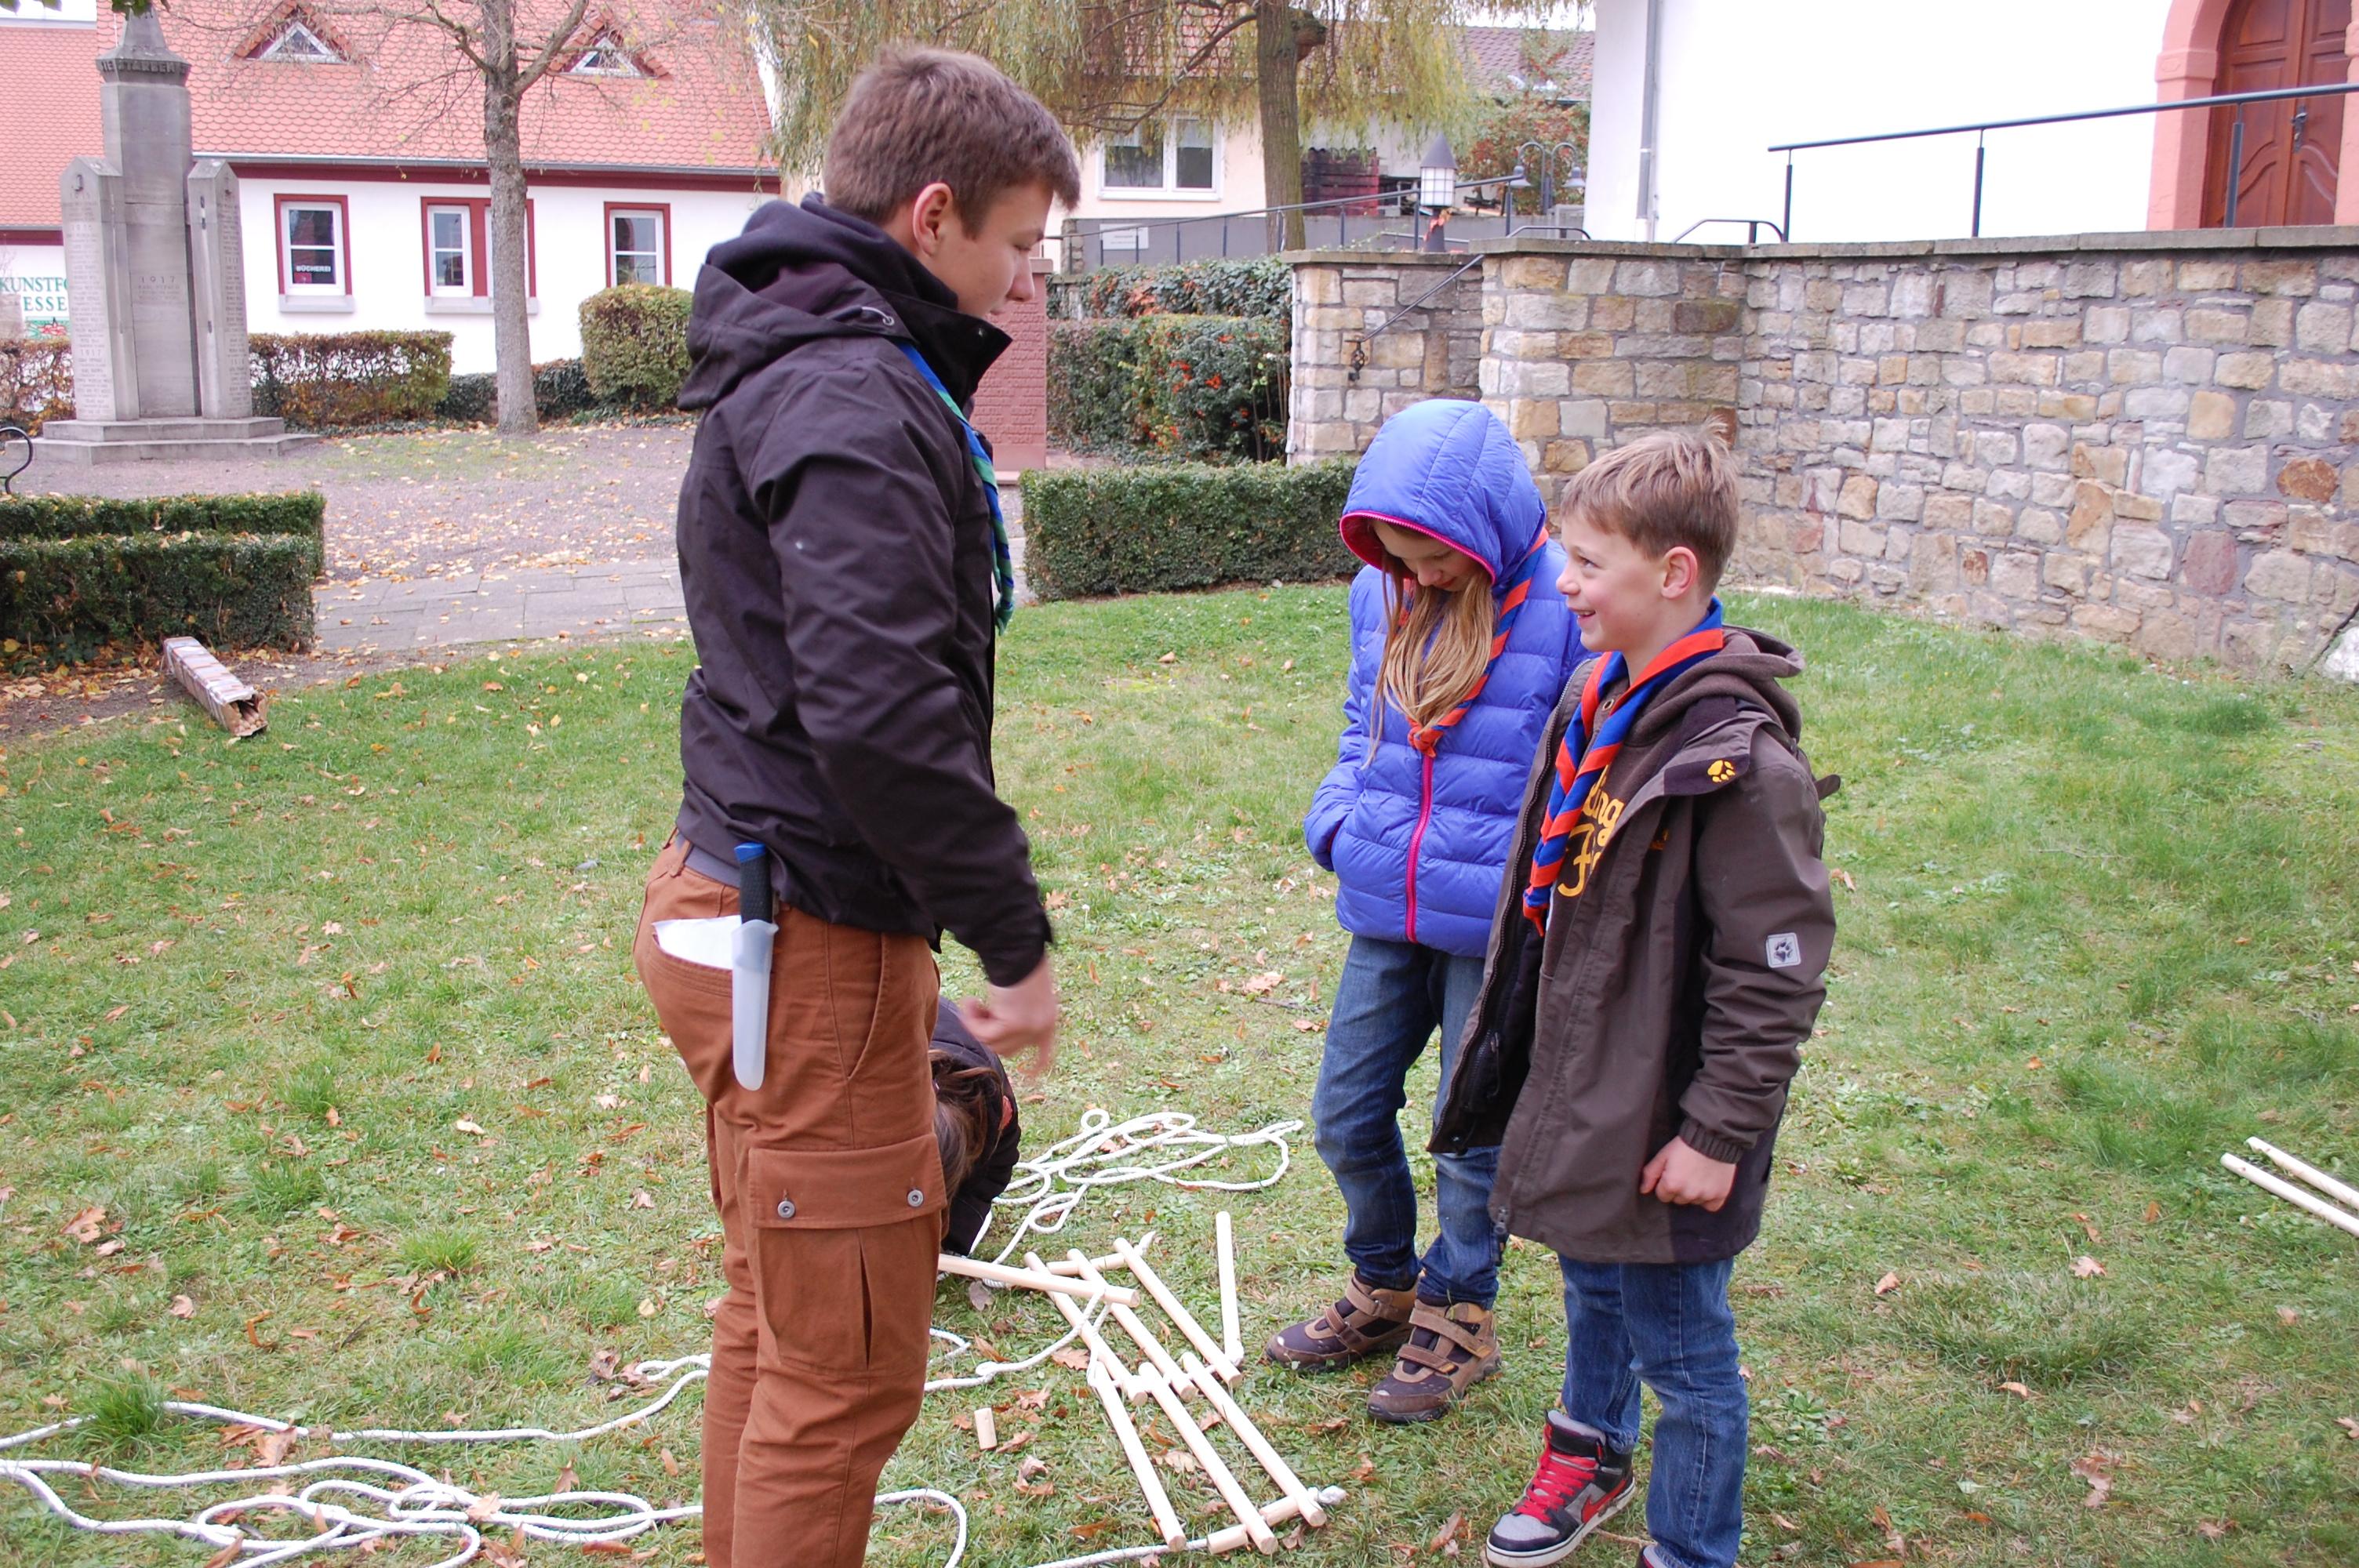 2013-11-16-12-28-novemberfahrt-vcp-dsc_0227